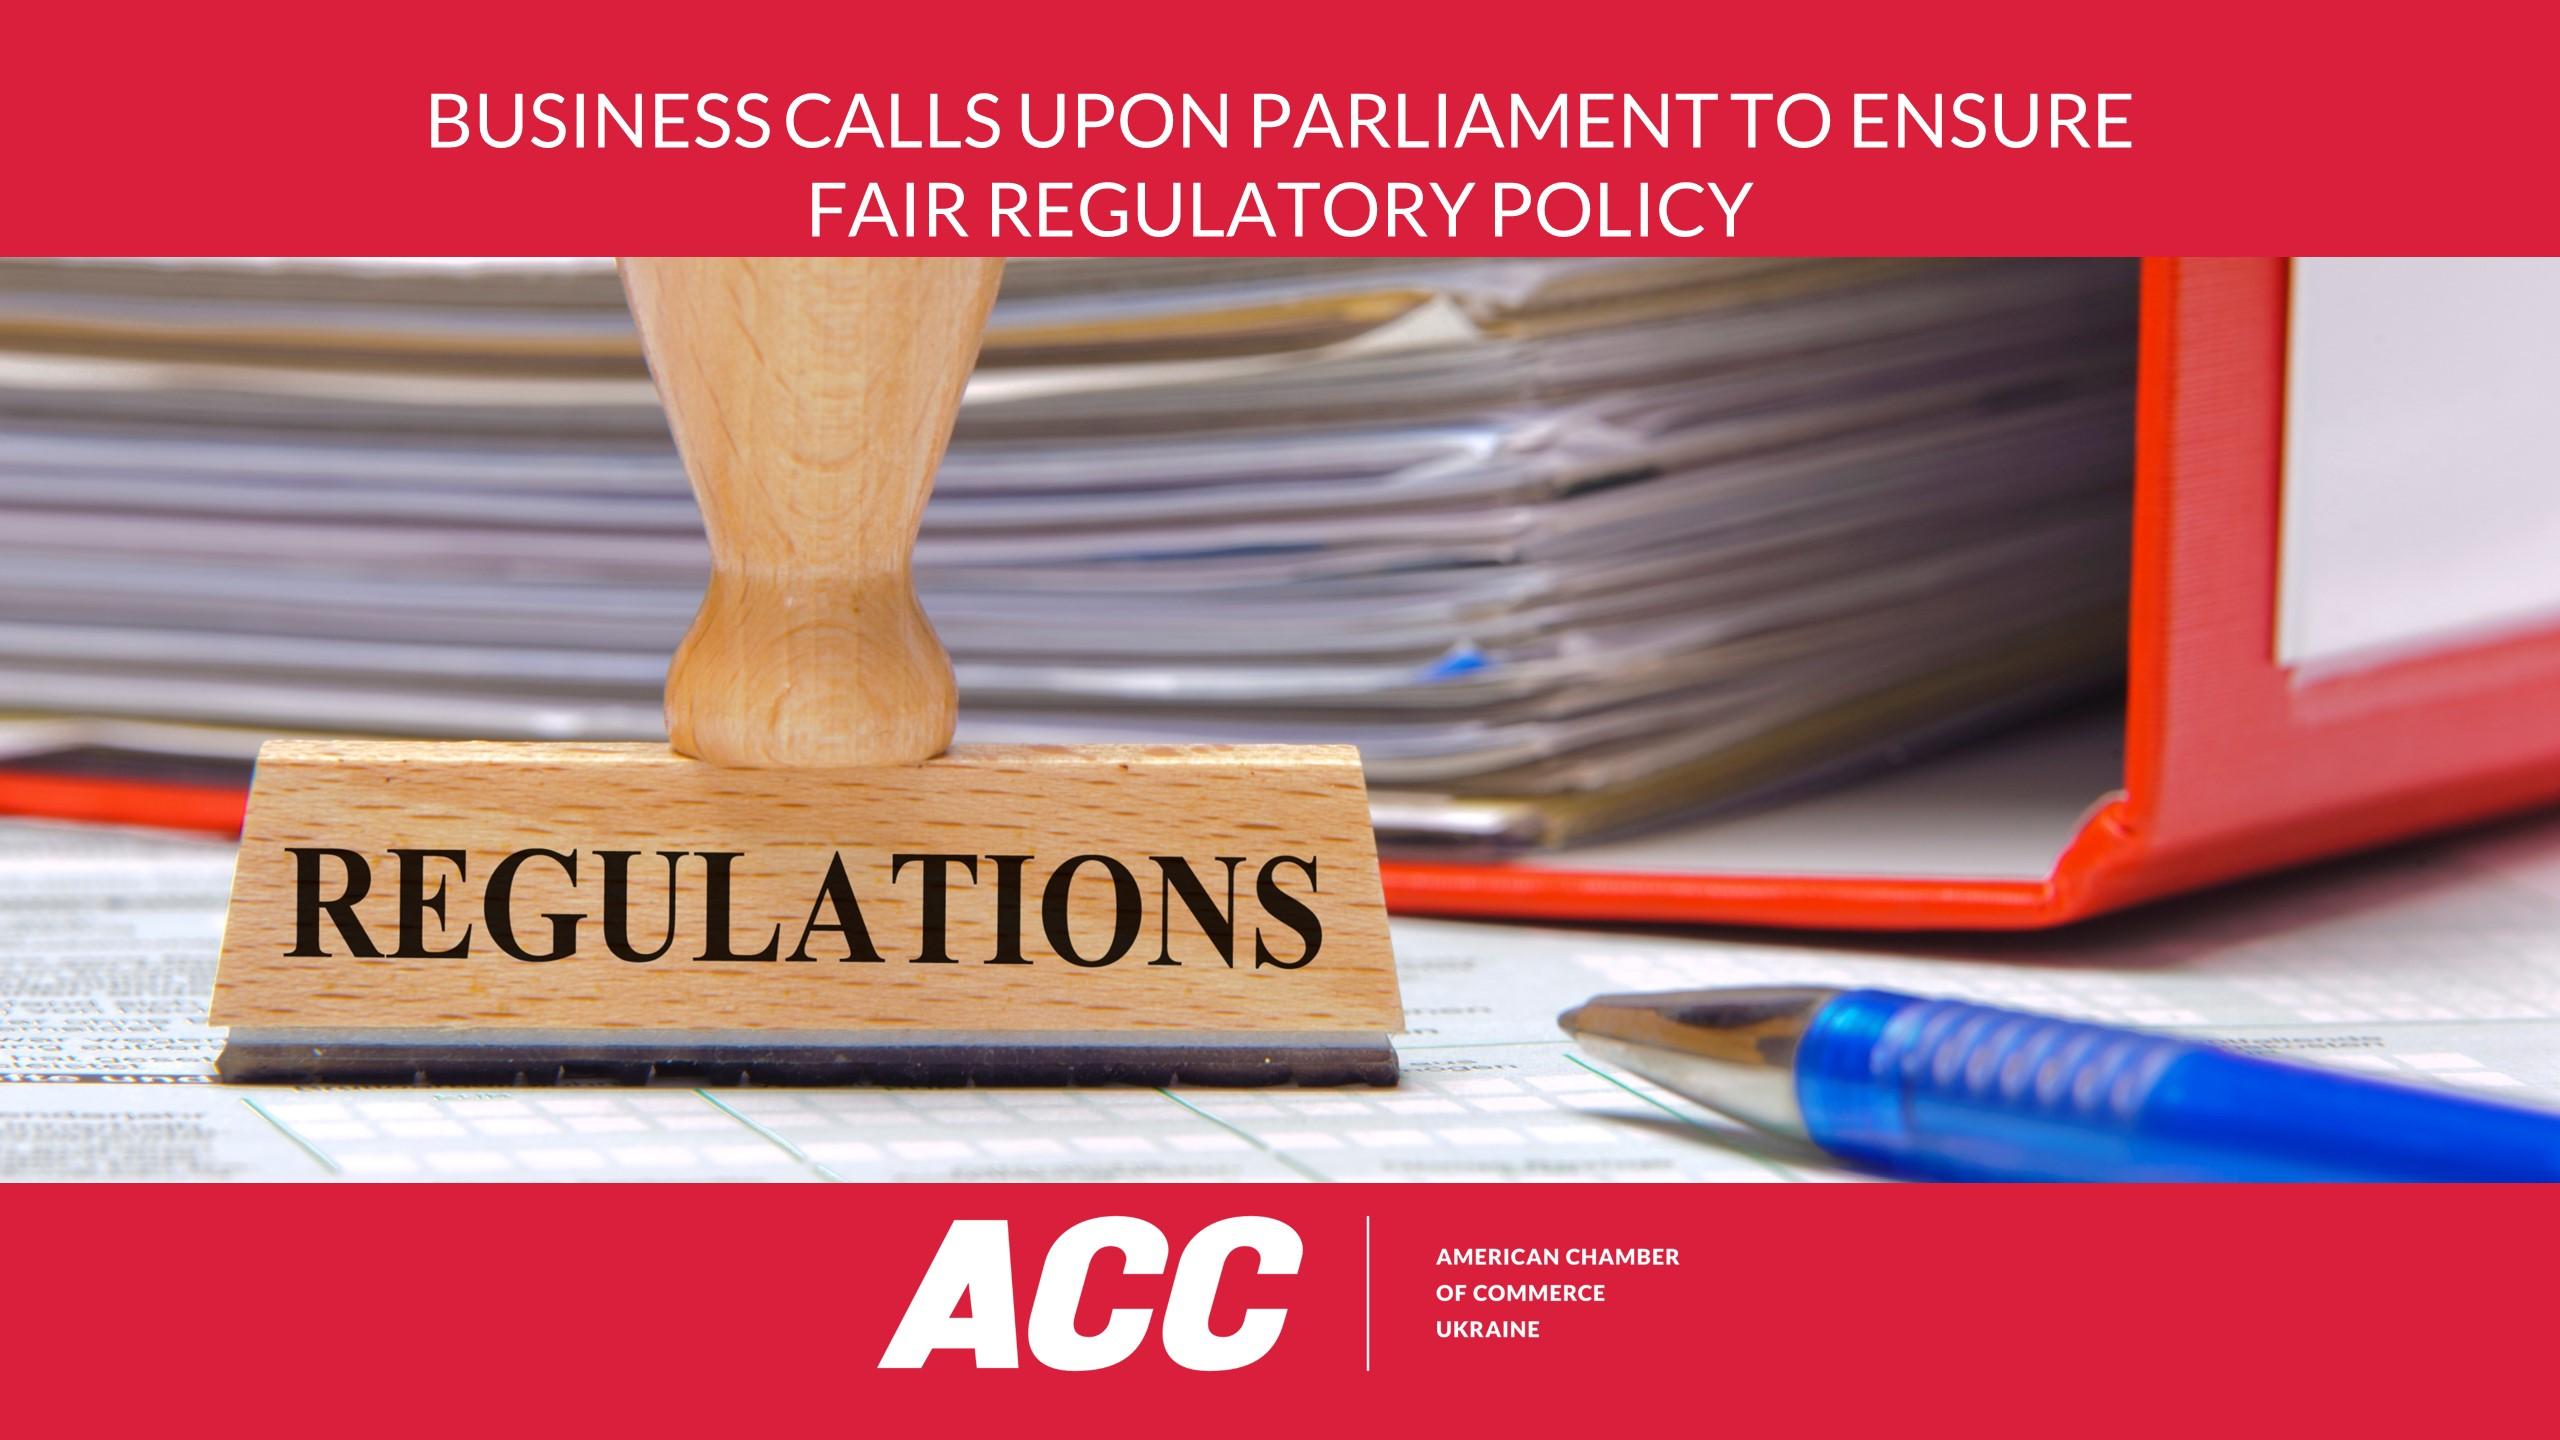 Американська торговельна палата закликає Парламент забезпечити справедливу регуляторну політику